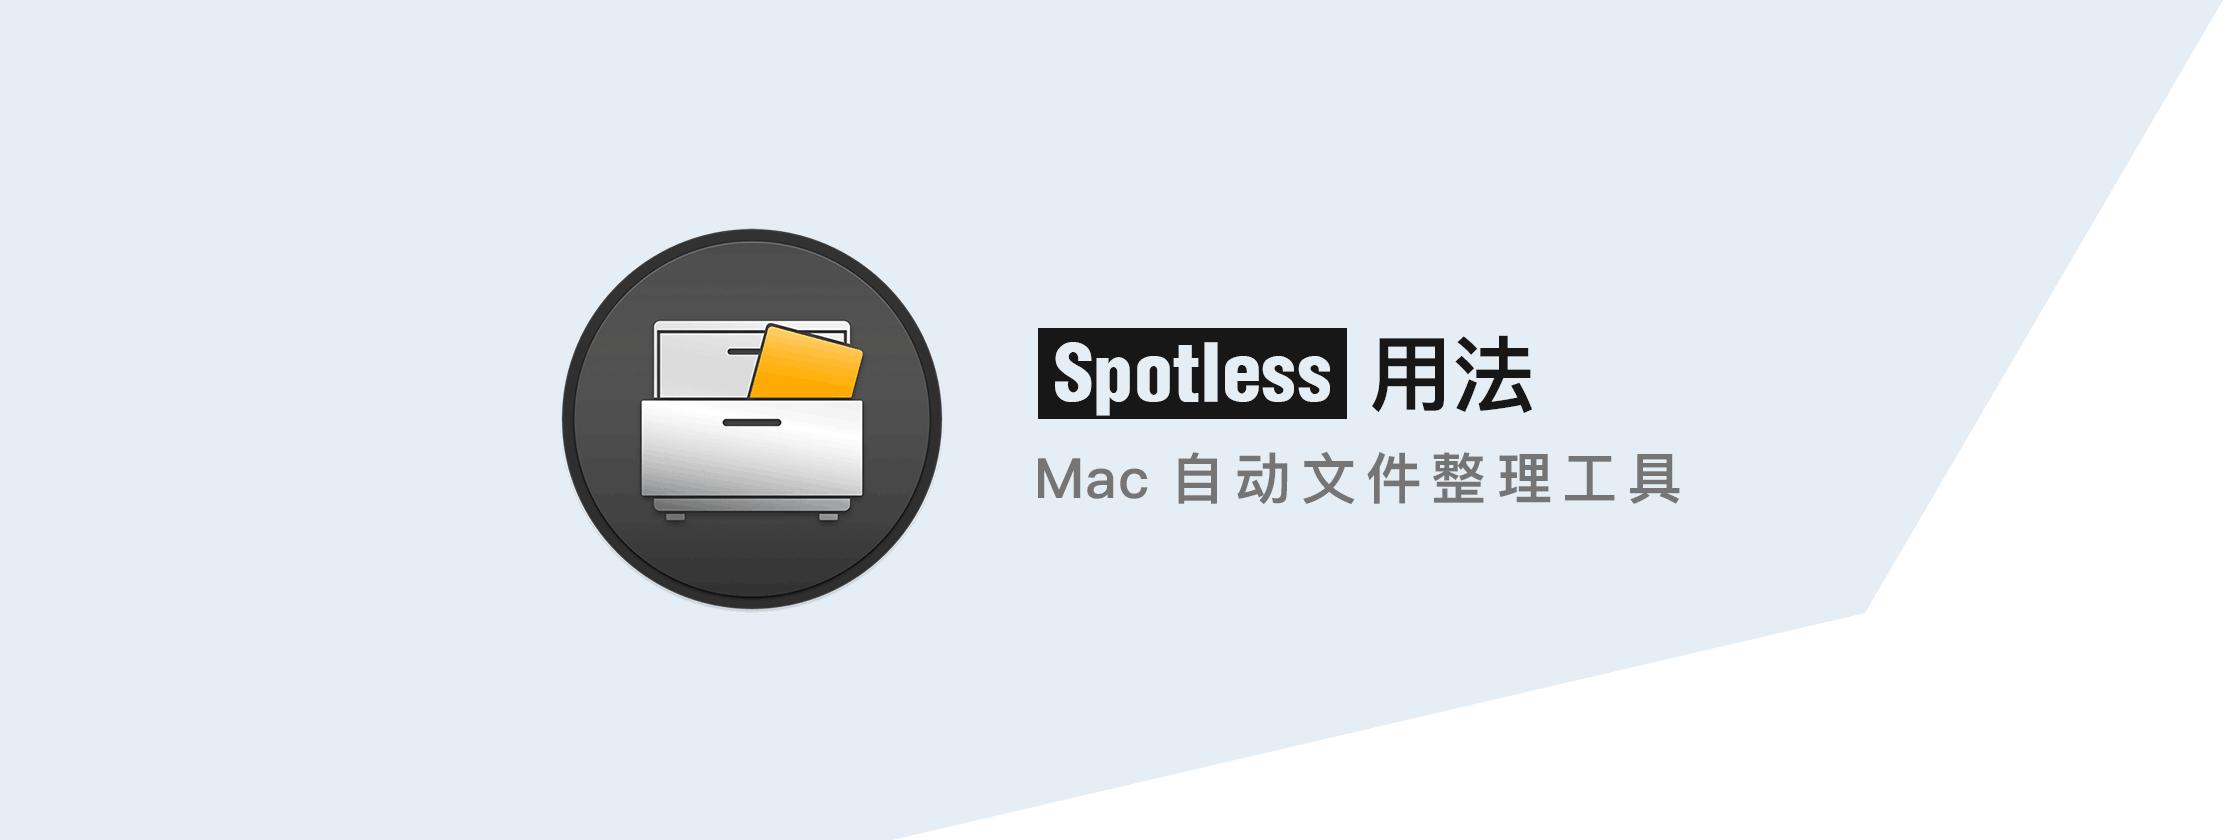 想让 Mac 文件夹自动变整洁?试试这几个简单的 Spotless 规则